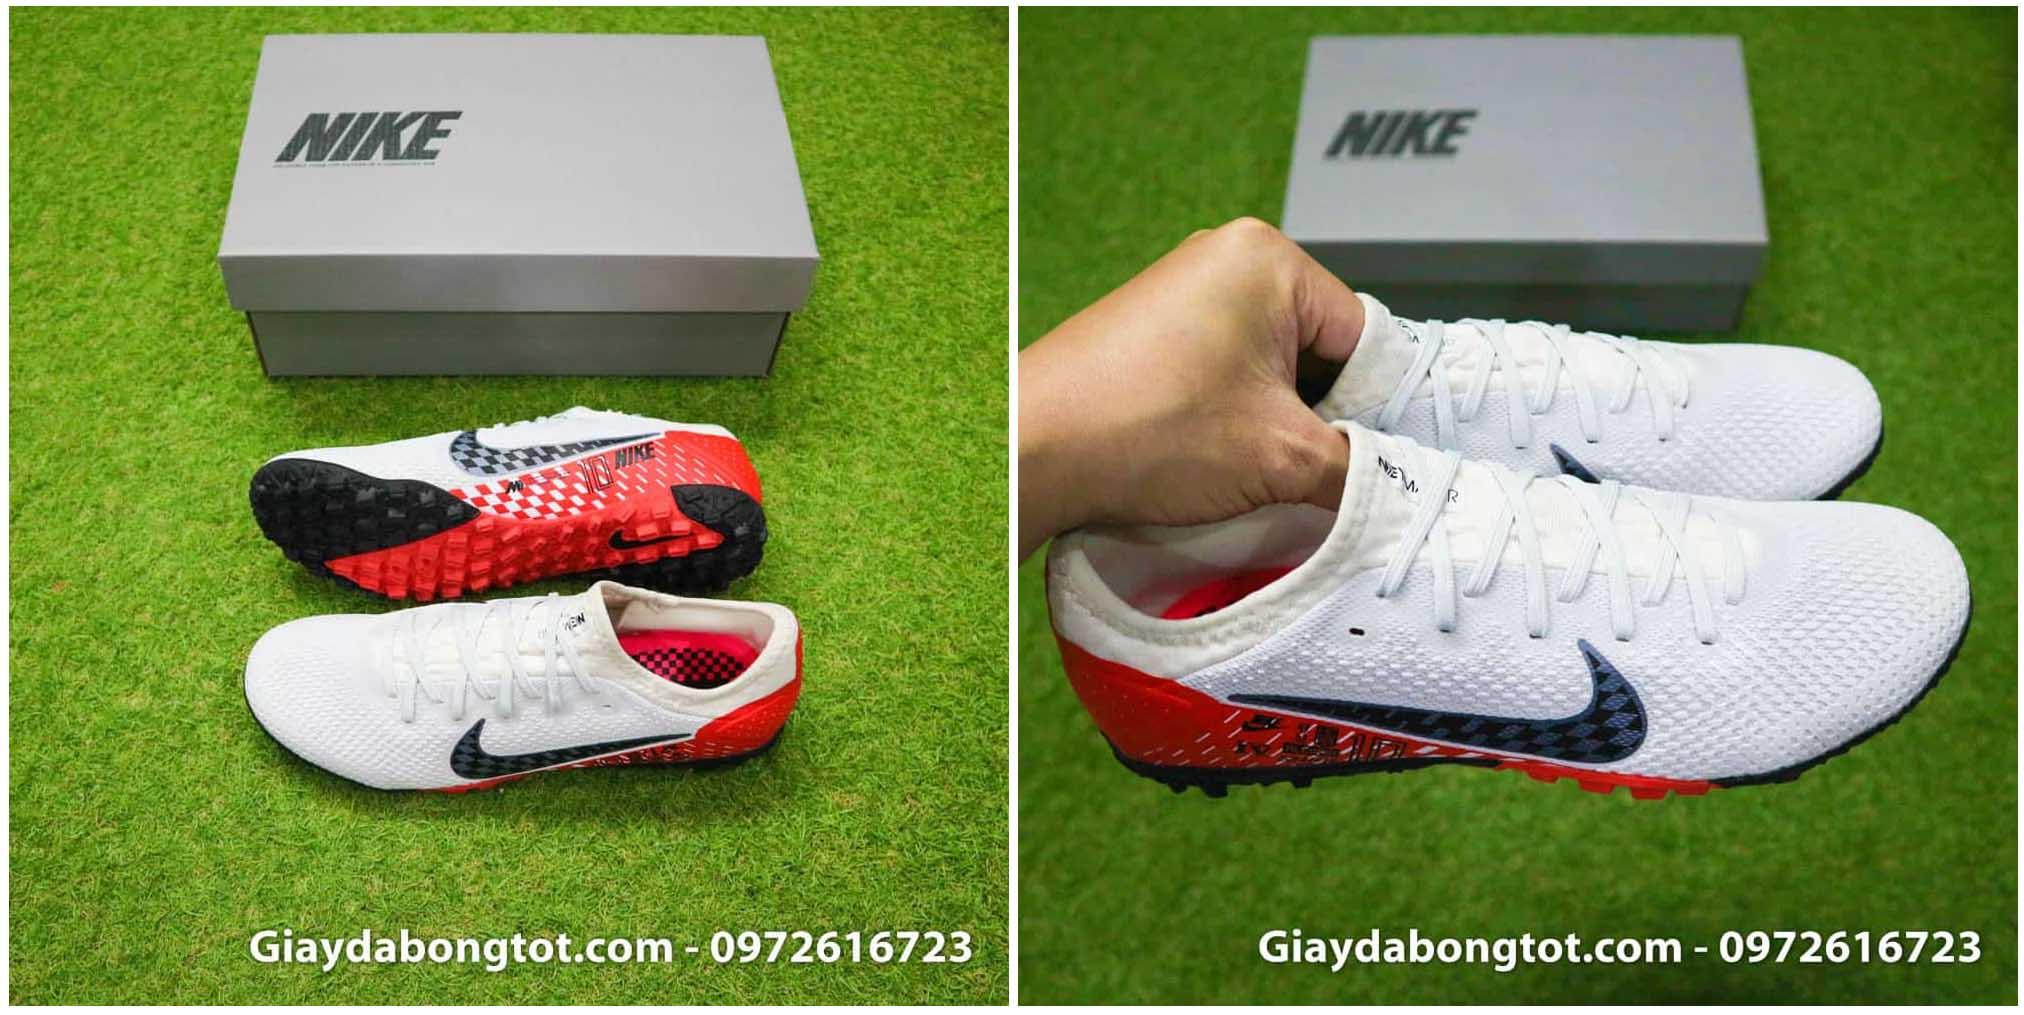 Giày bóng đá Nike Mercurial Vapor 13 Pro TF Neymar trắng đỏ đen